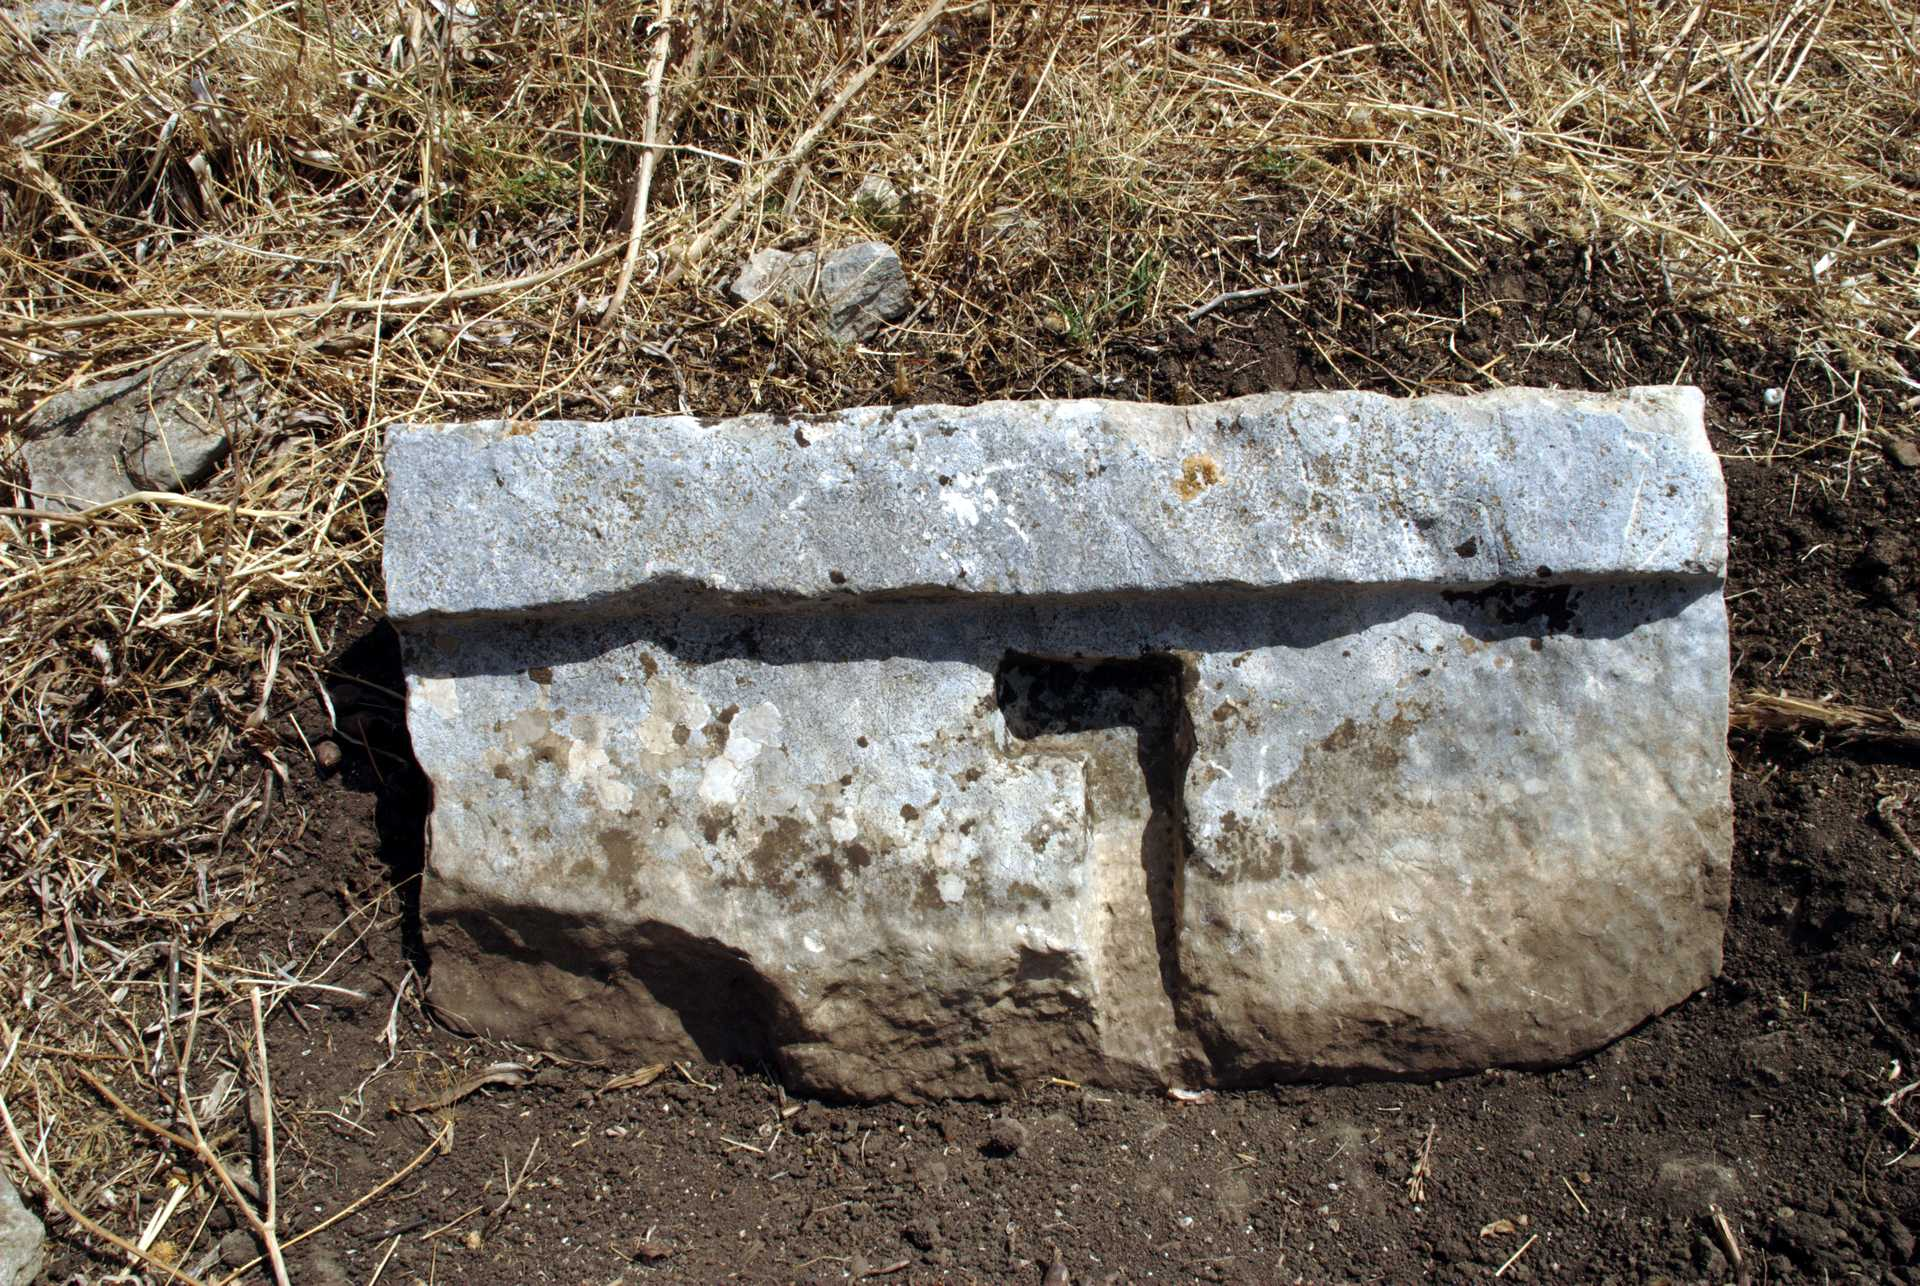 A find: DU580RE005